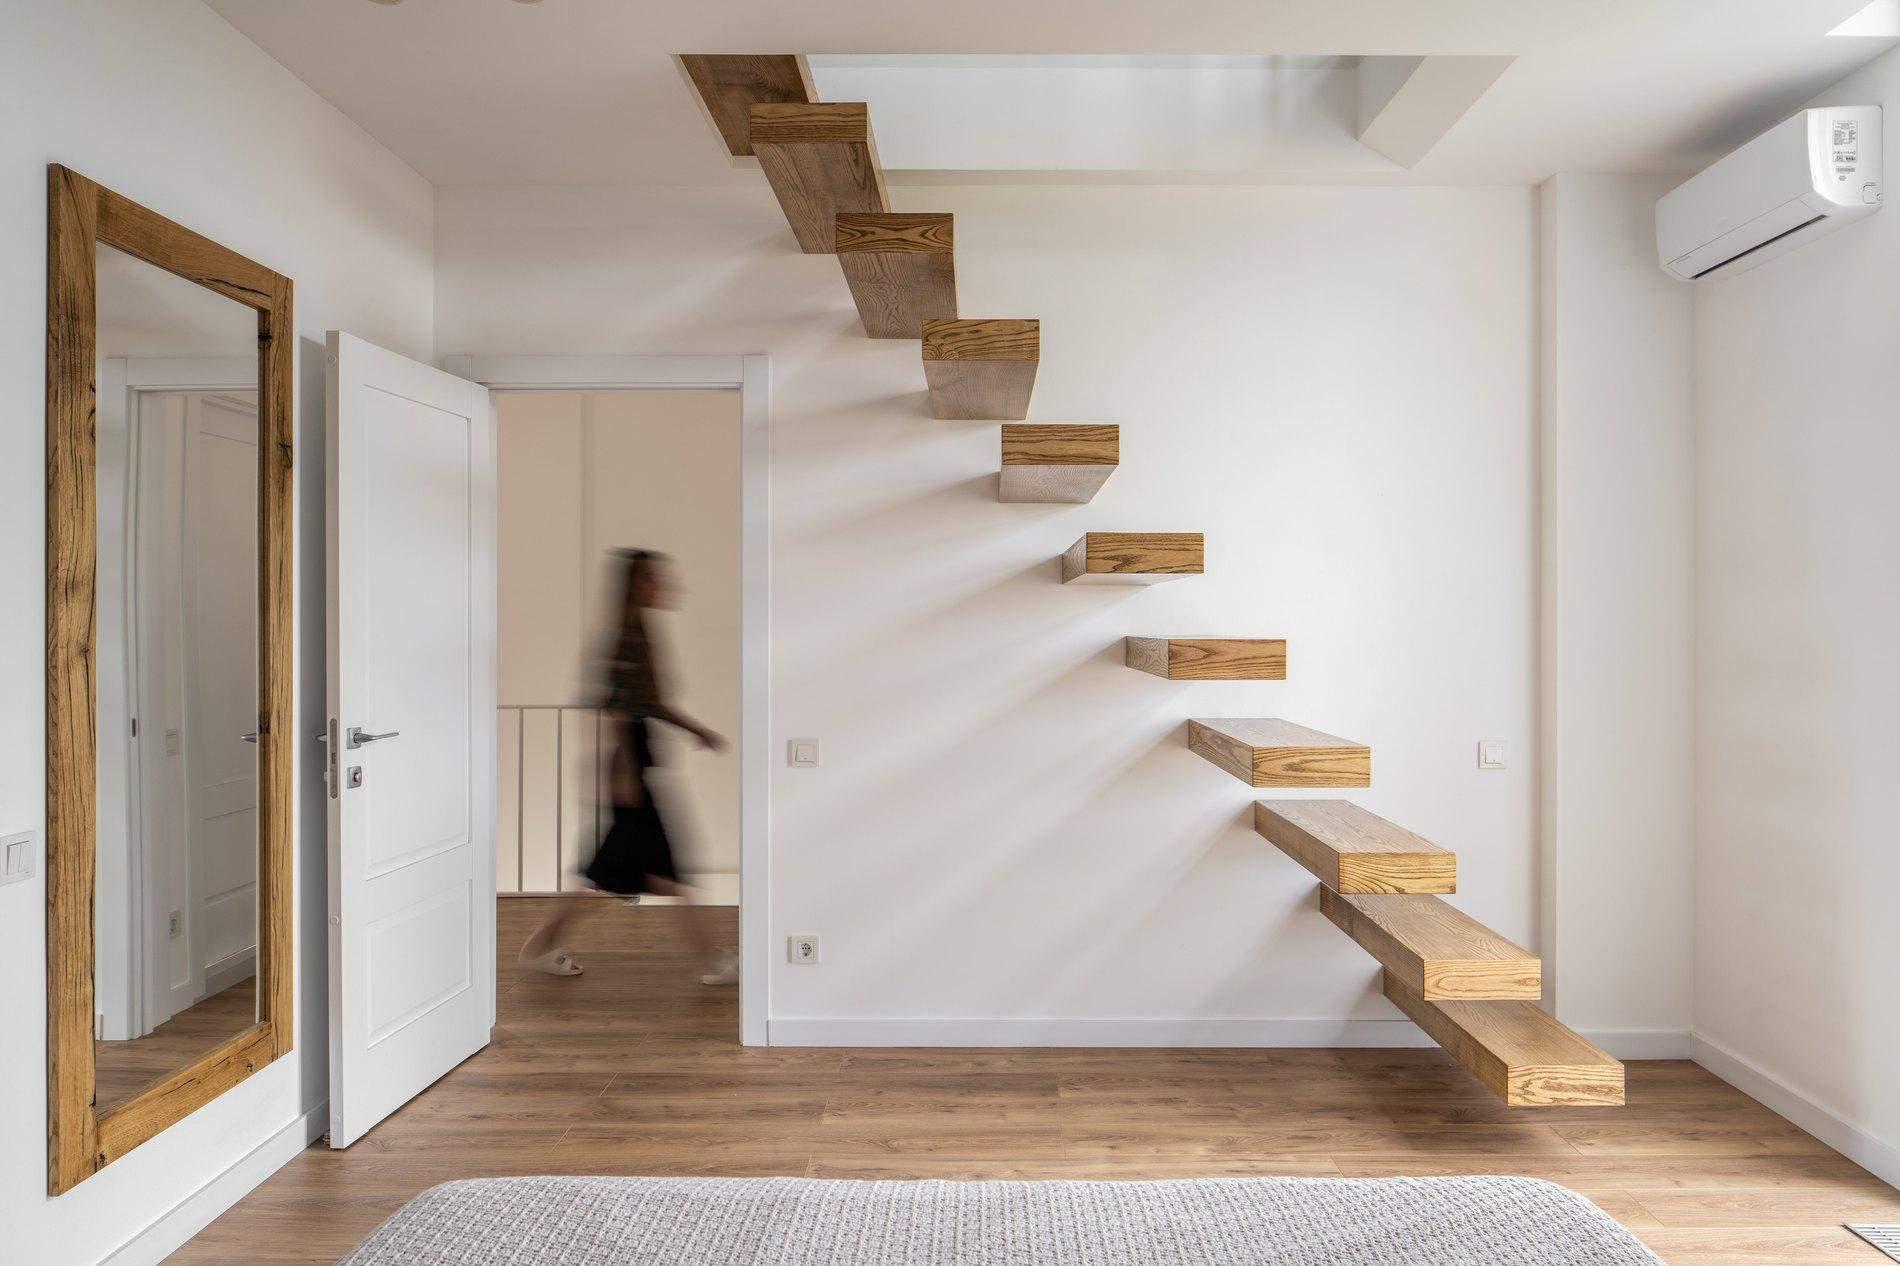 Сходи у трирівневій квартирі мають неабияке значення / Фото The Village